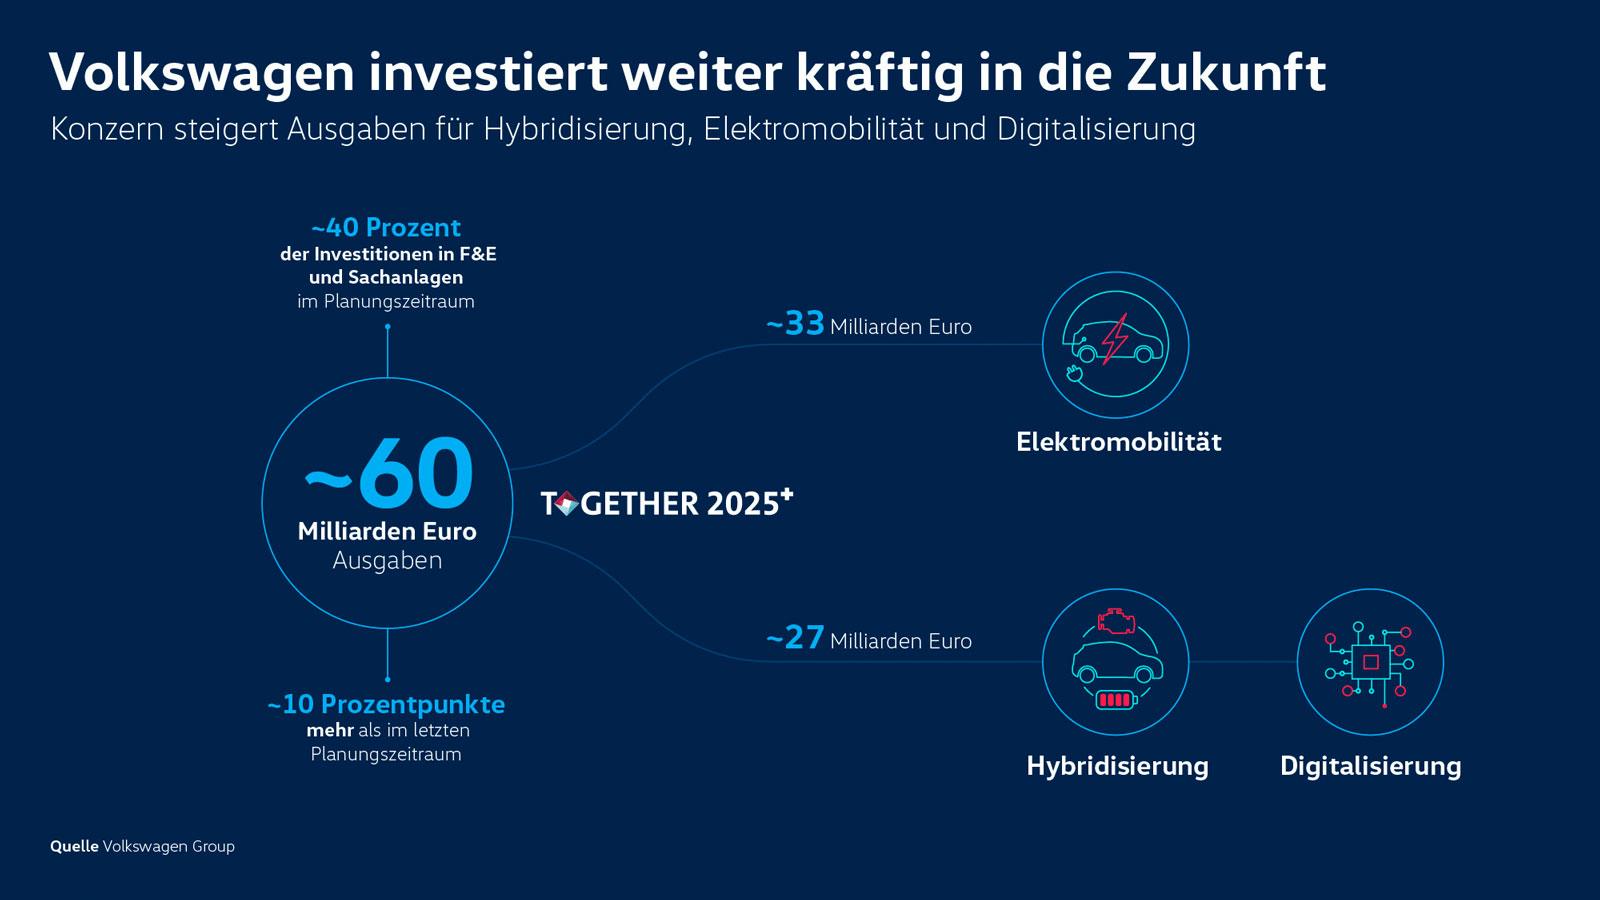 VW-investiert-weiter-in-die-Zukunft